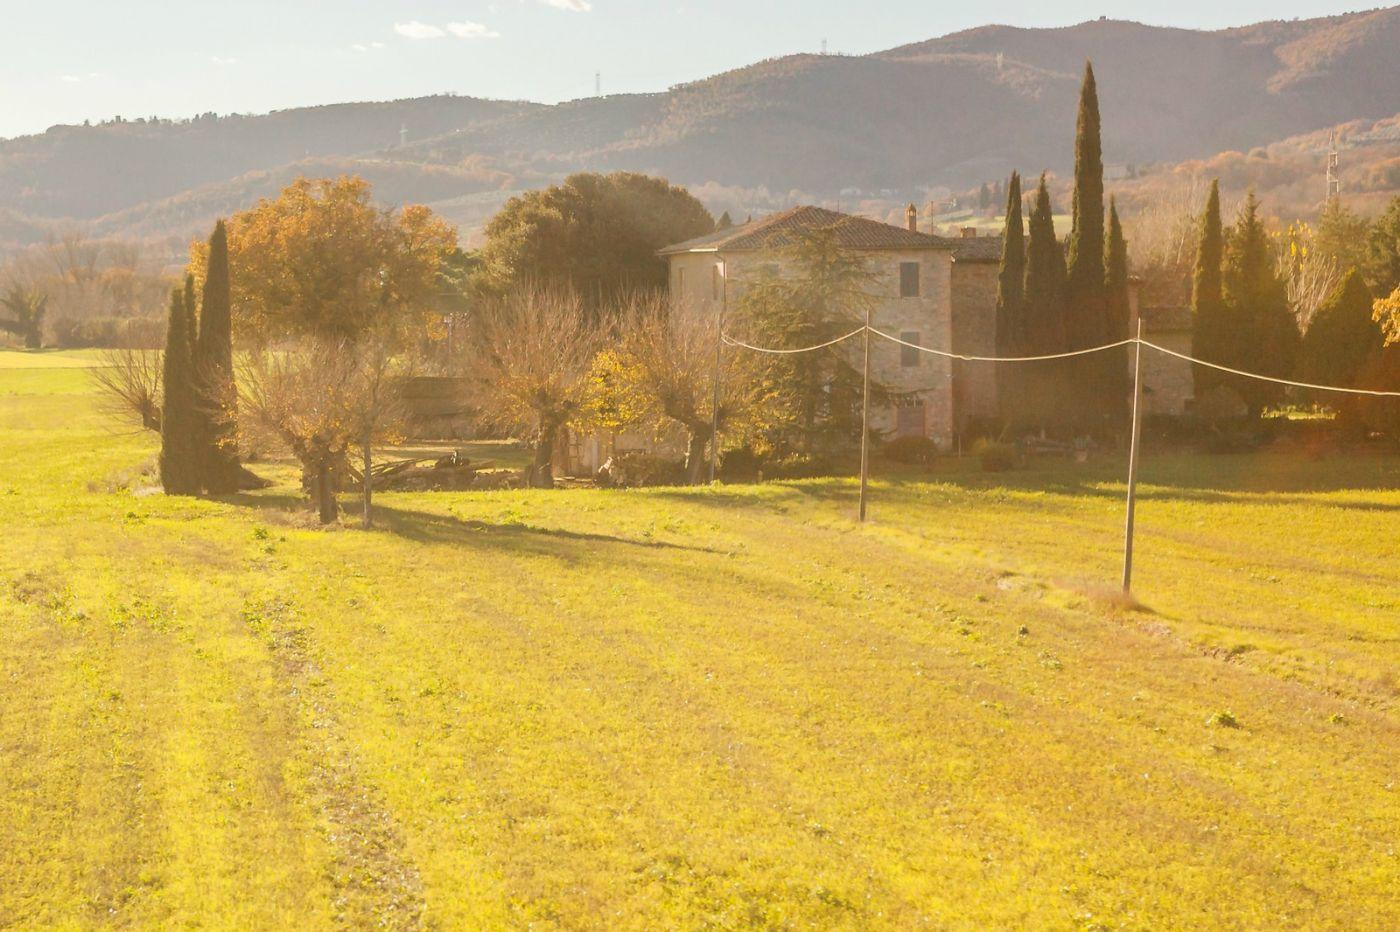 意大利路途,秋后的农村_图1-18